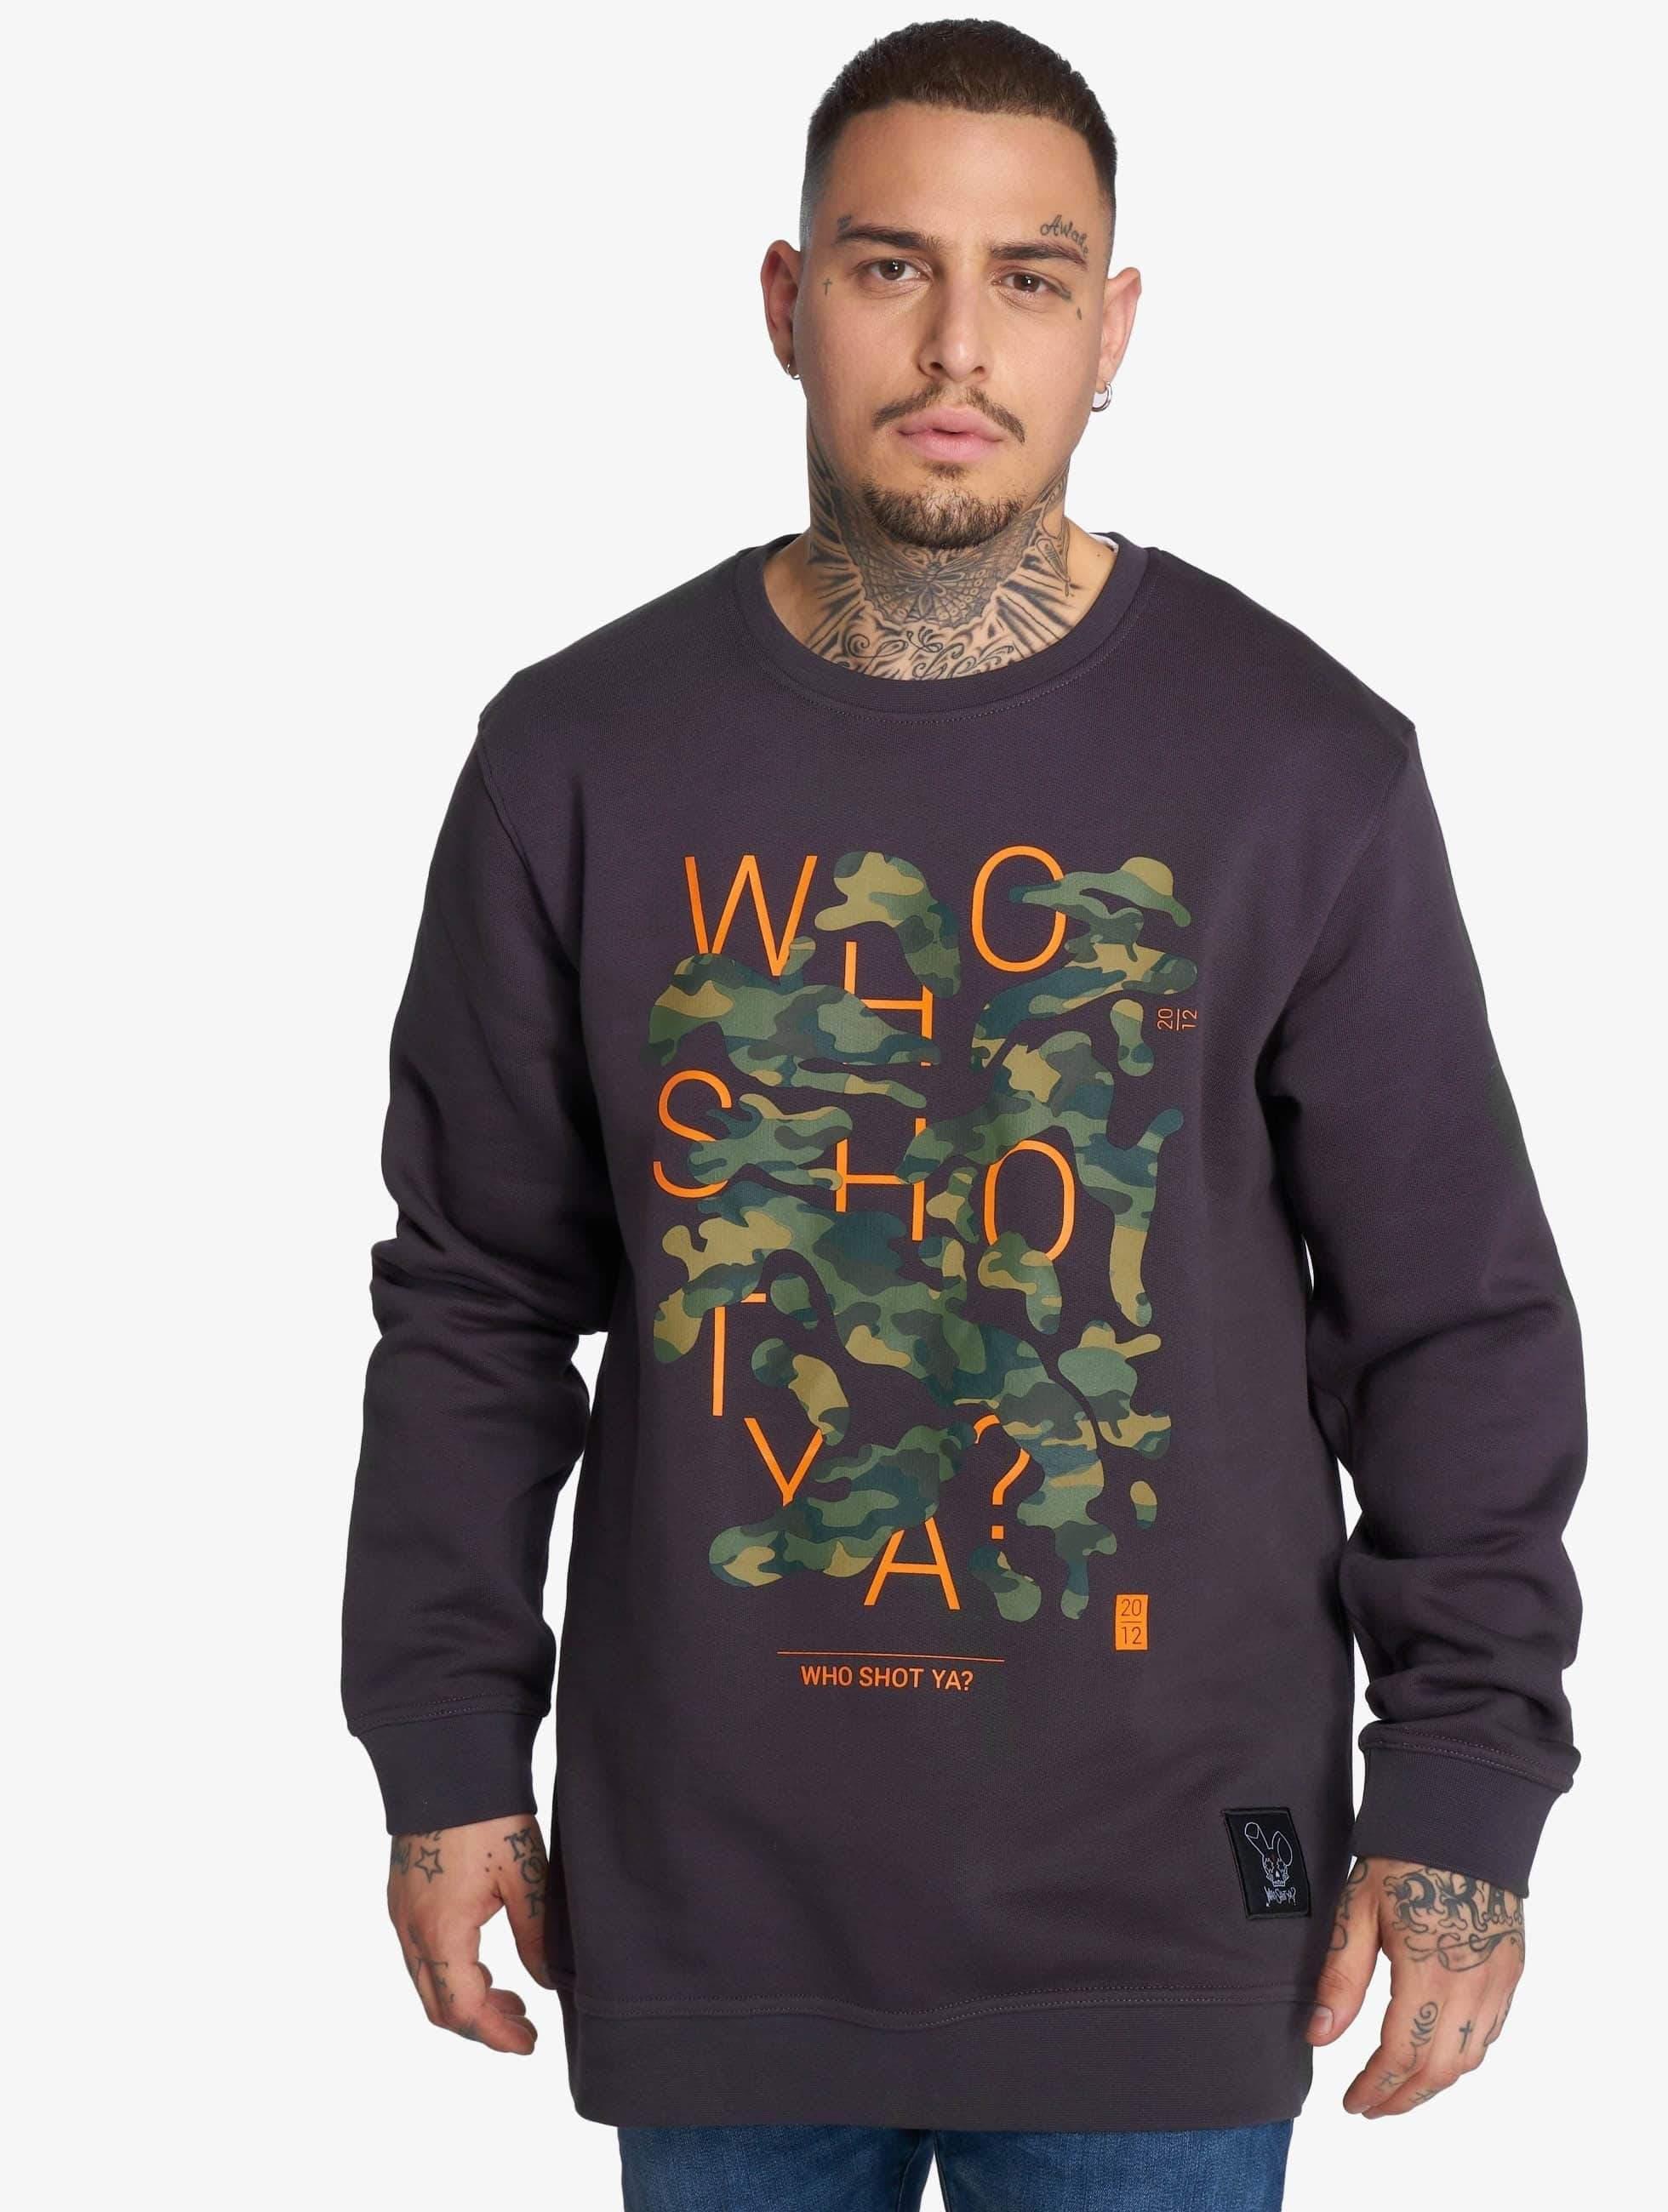 Who Shot Ya? / Jumper Shotulous in grey XL